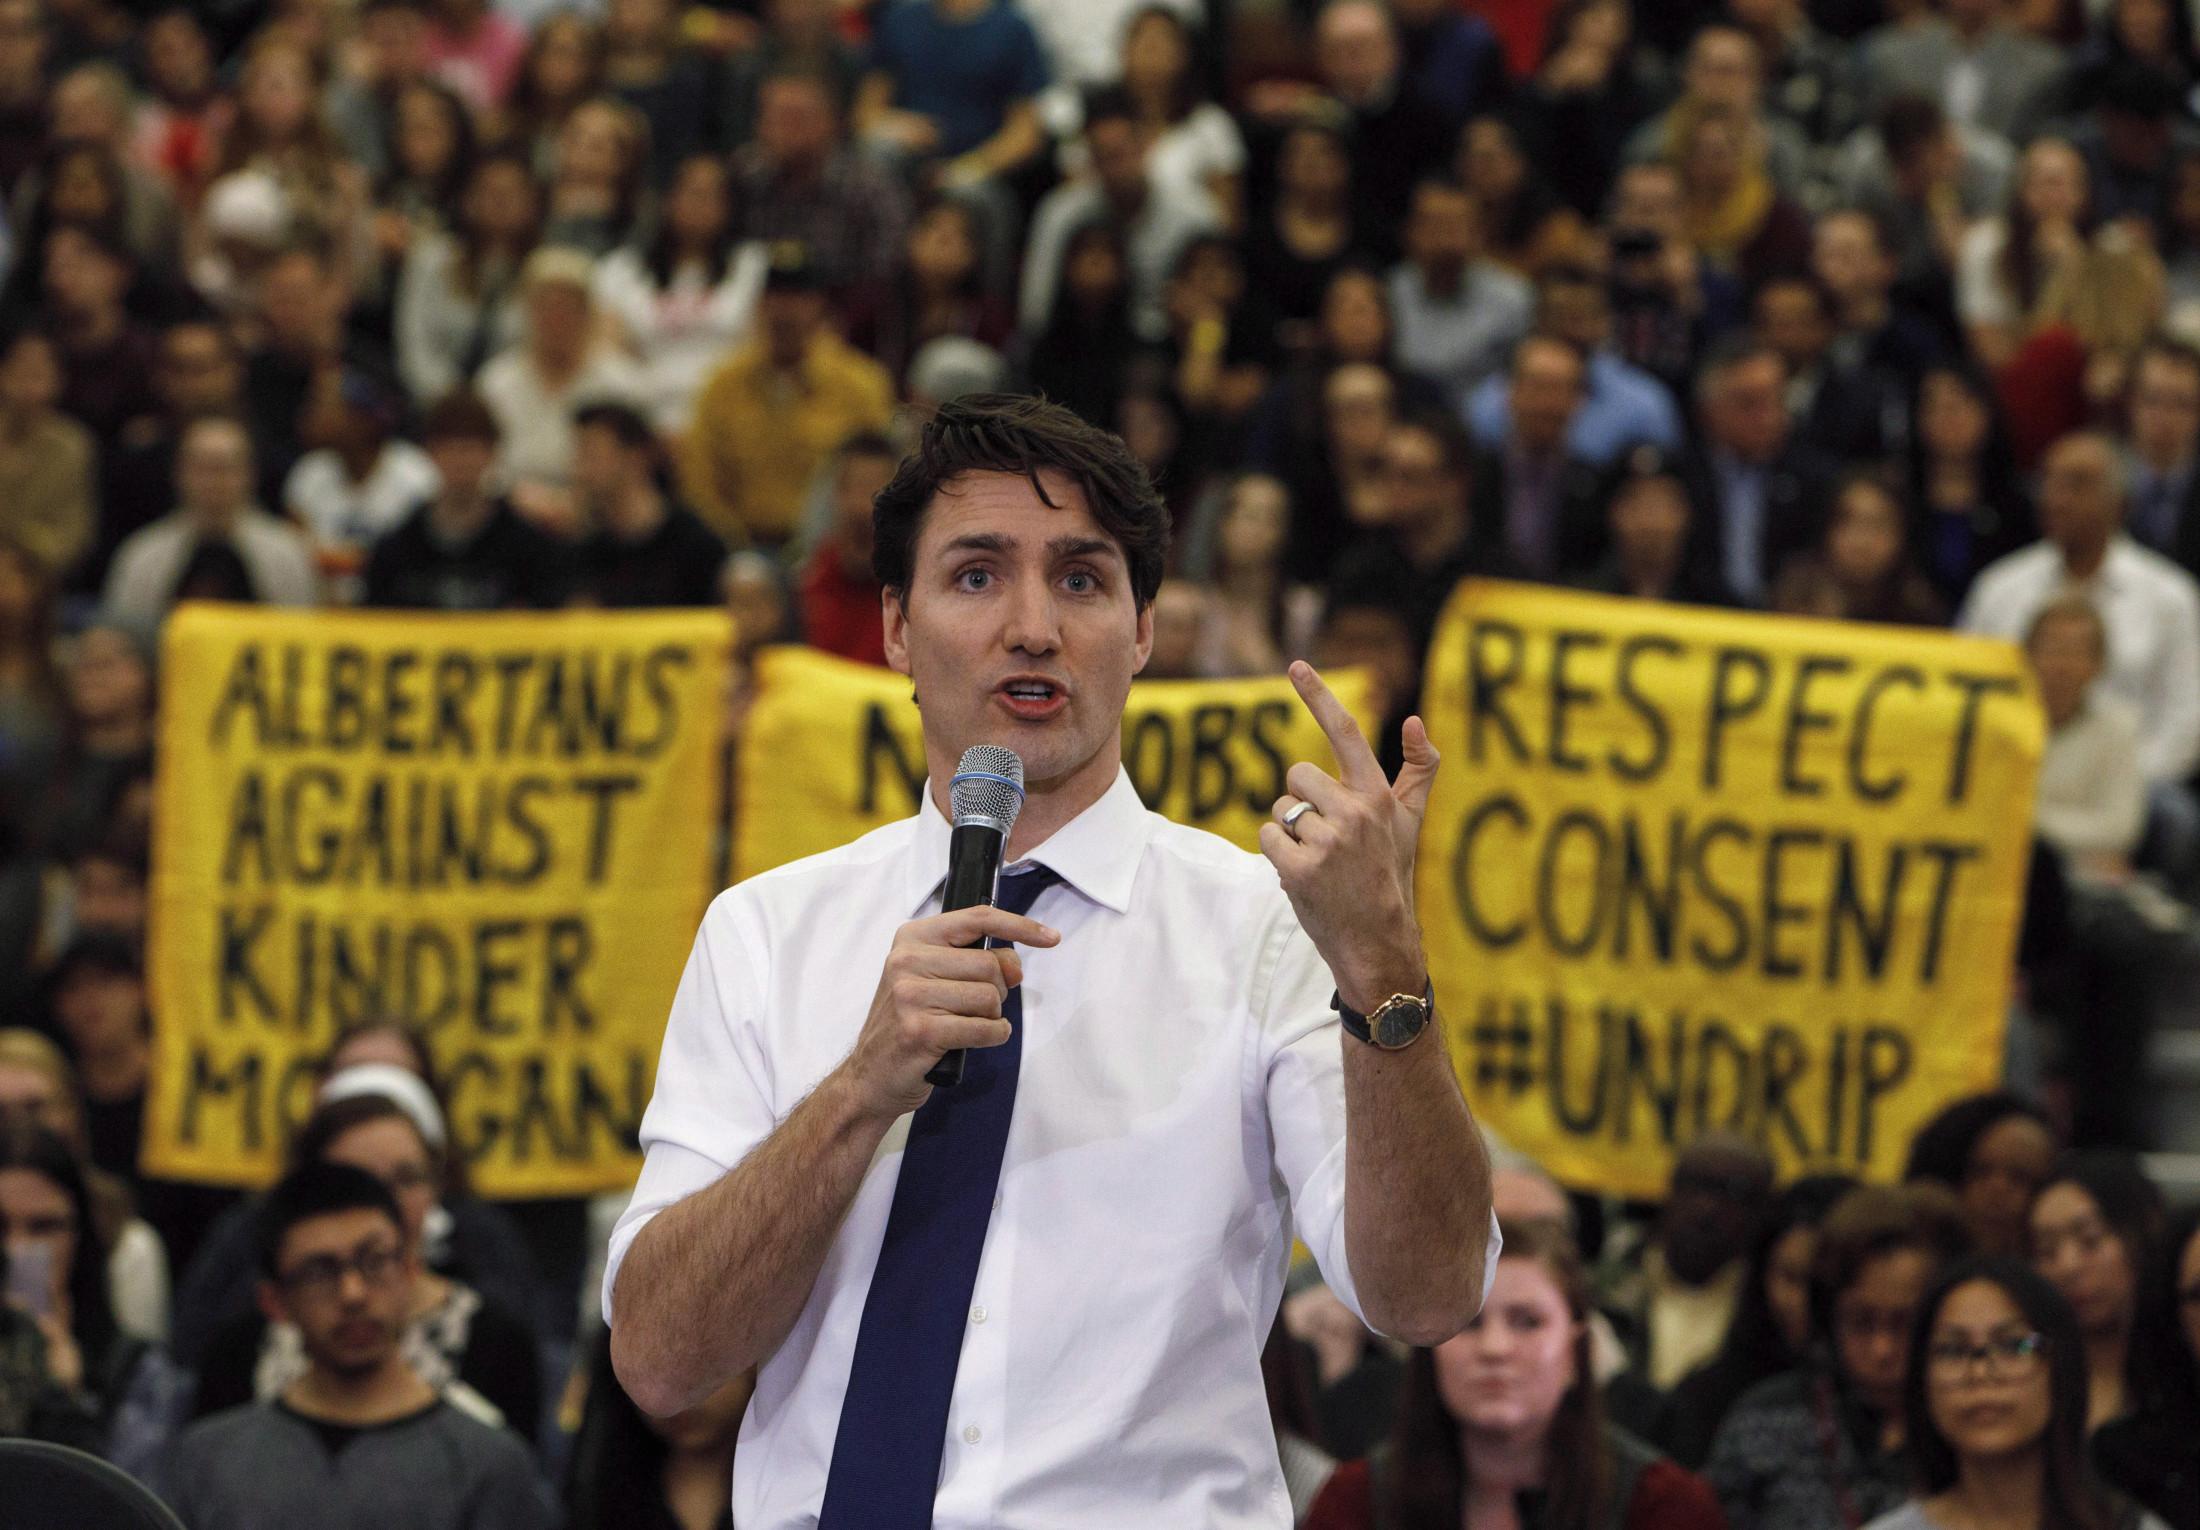 Justin Trudeau Climate Justice Edmonton